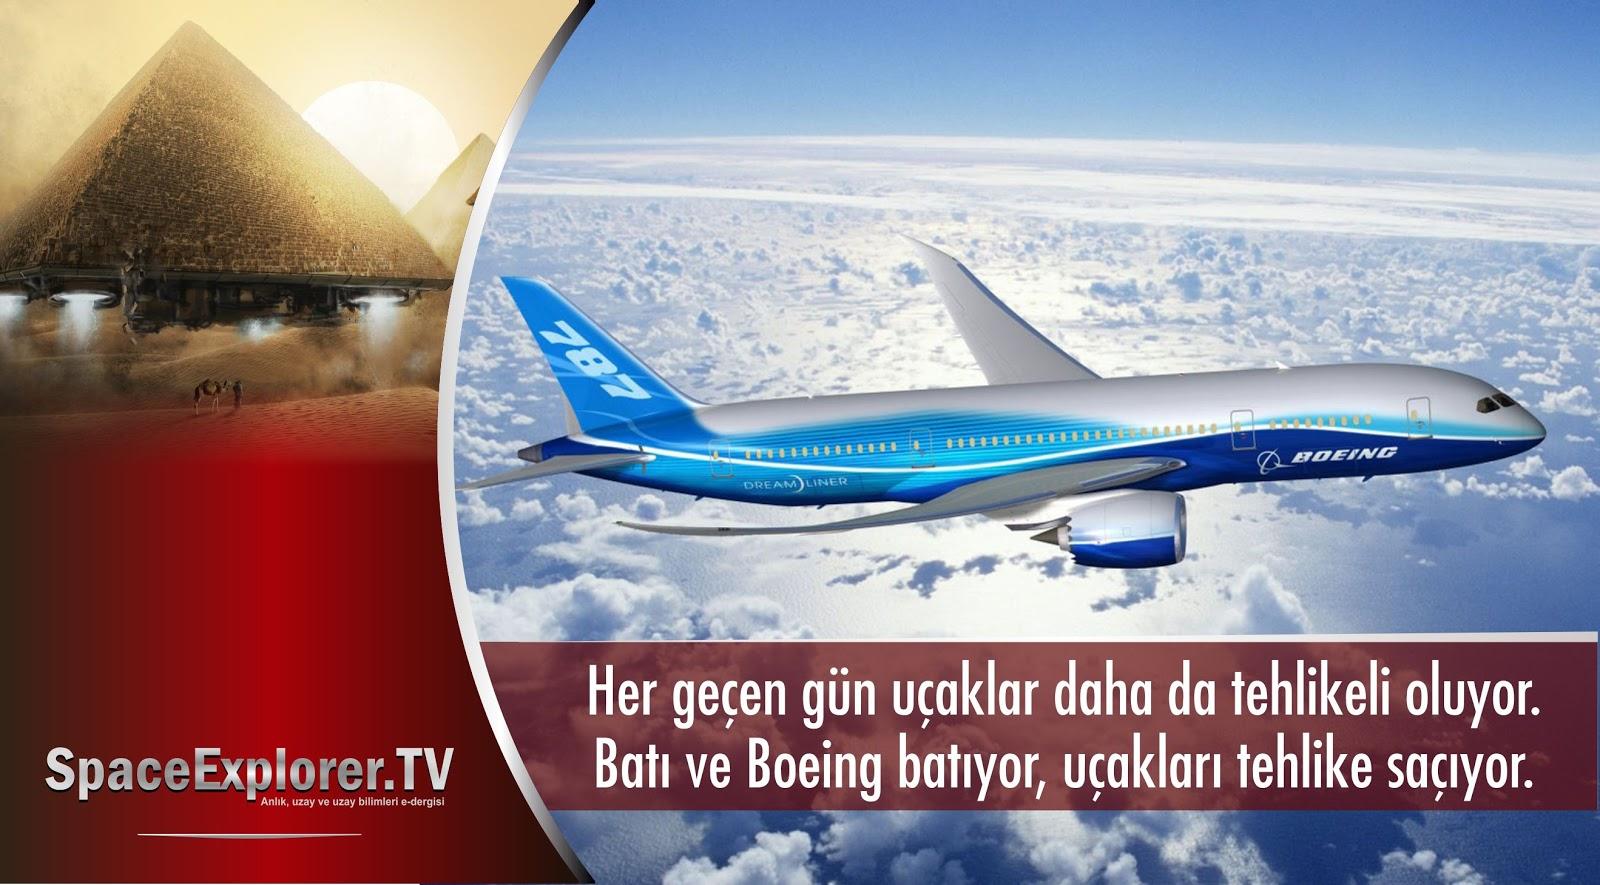 Havacılık, Boeing, Yolcu uçakları, ABD, Airbus, Malezya Hava Yolları, Kaybolan Malezya uçağı, Videolar,